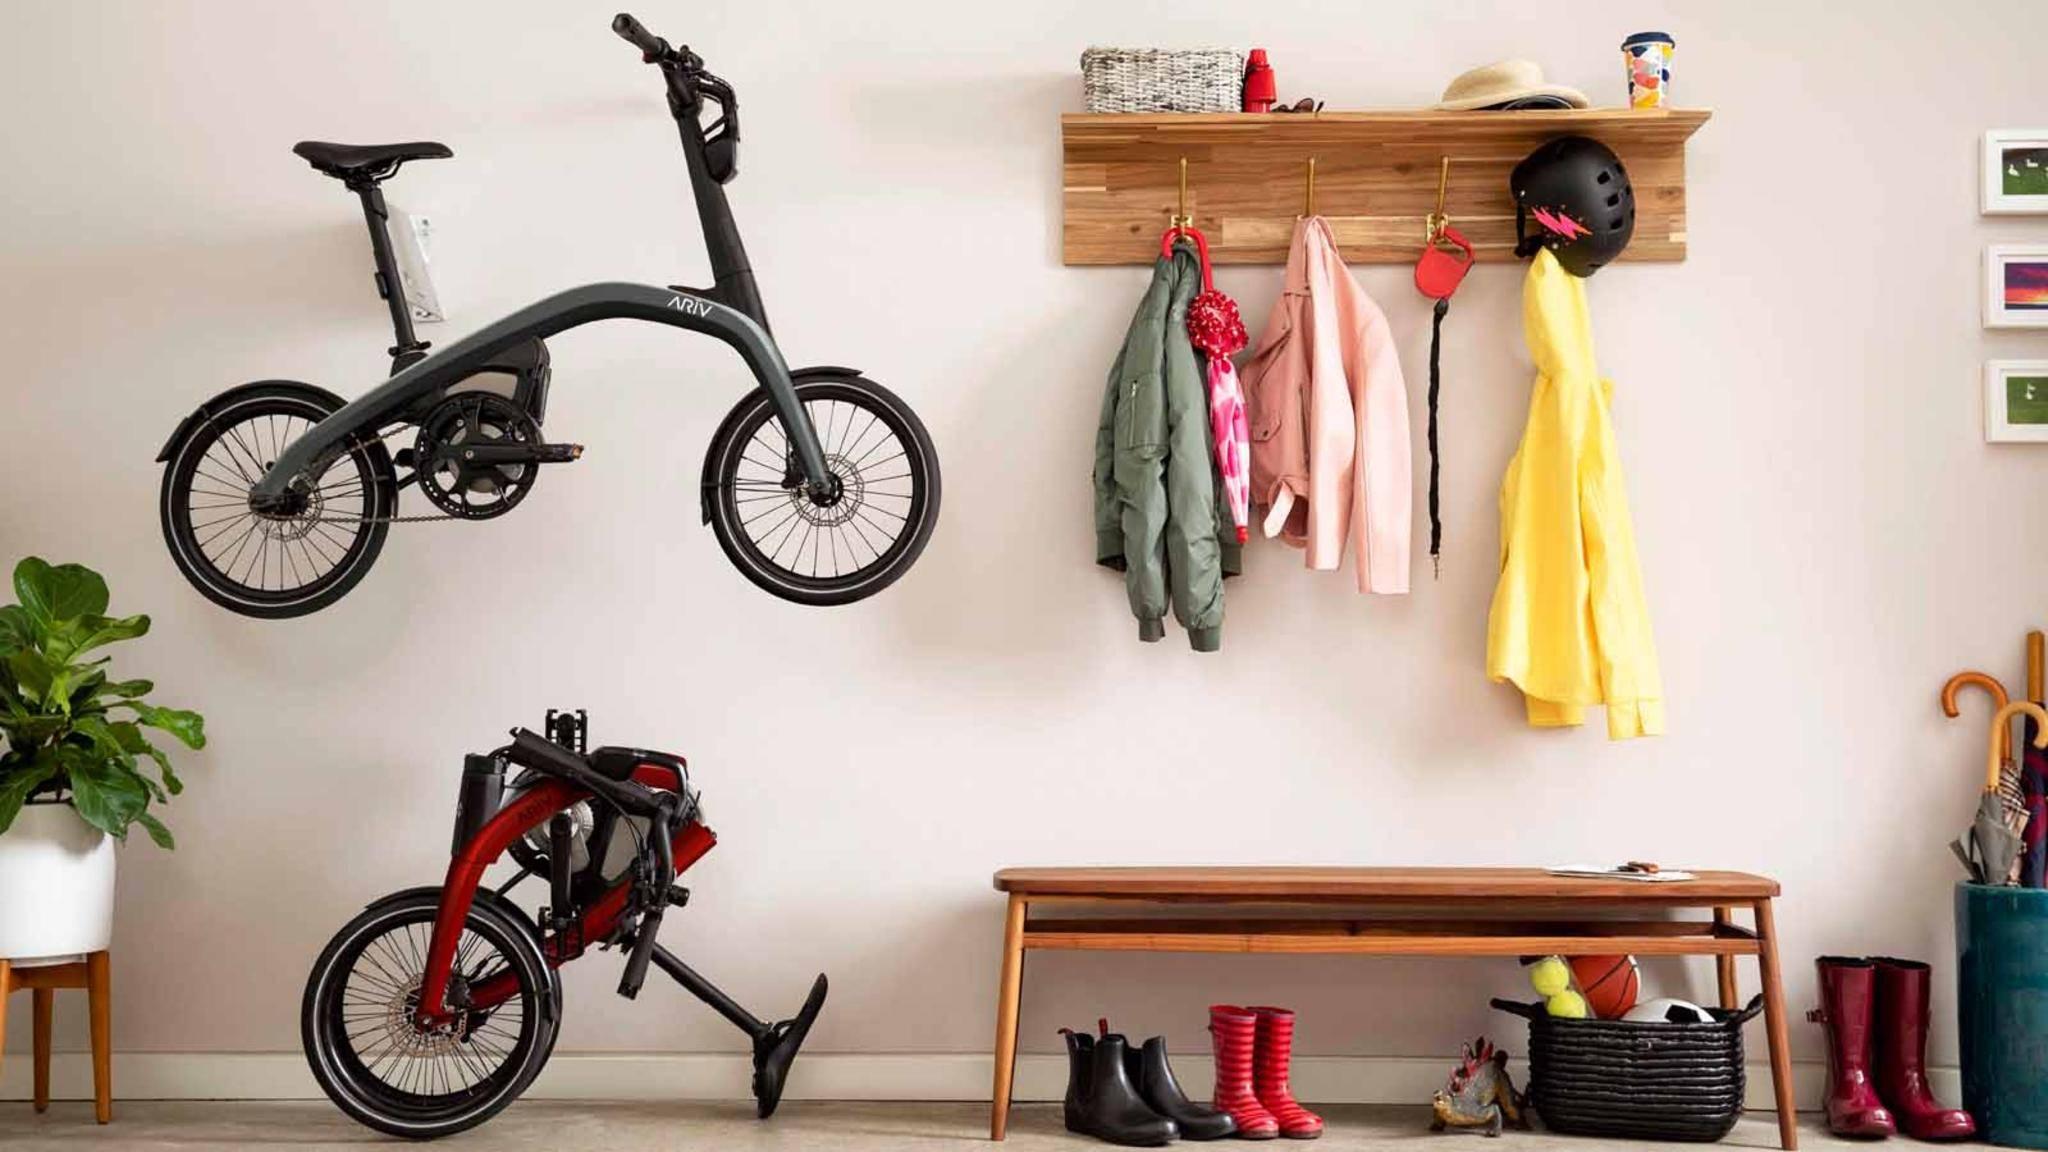 Wir haben das E-Bike Ariv Meld von General Motors im Hands-On ausprobiert.